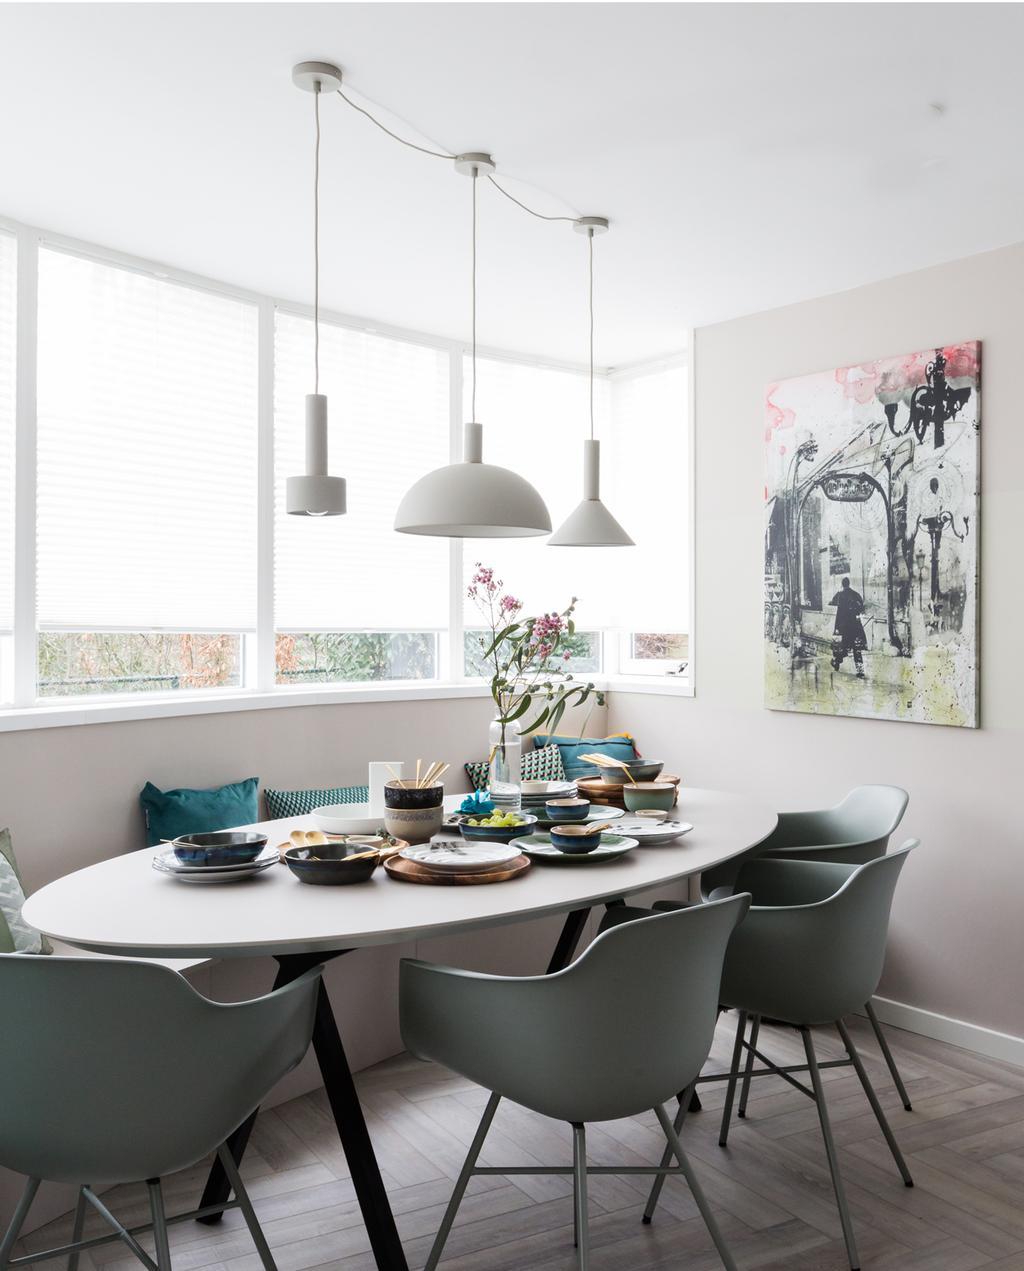 vtwonen weer verliefd op je huis | seizoen 12 aflevering 1 | Frans in Den Bosch | eethoek